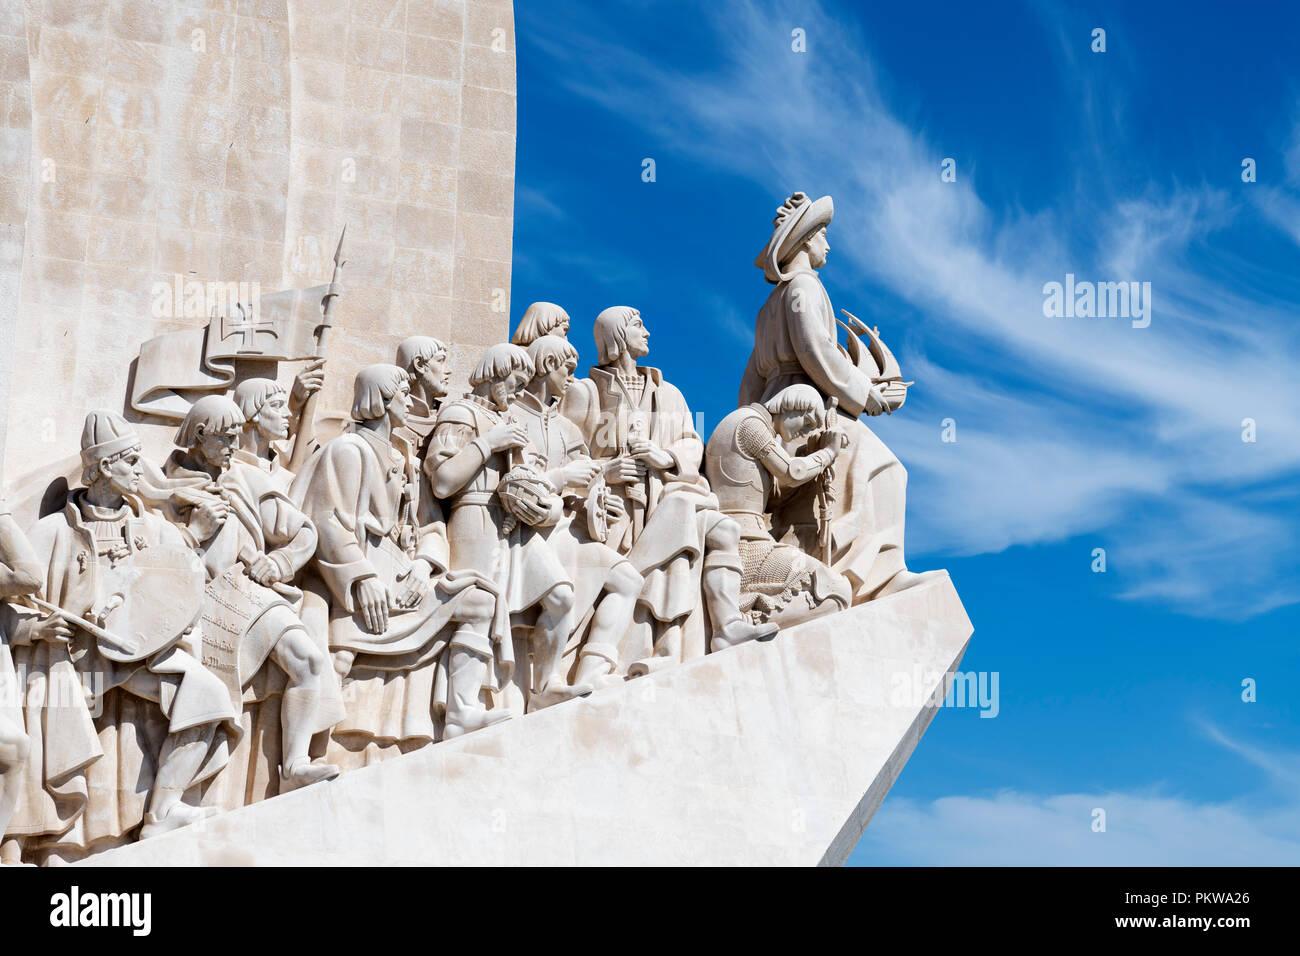 Detail der Denkmal der Entdeckungen (Padrao dos Descobrimentos), Stadtteil Belem, Lissabon, Portugal Stockbild